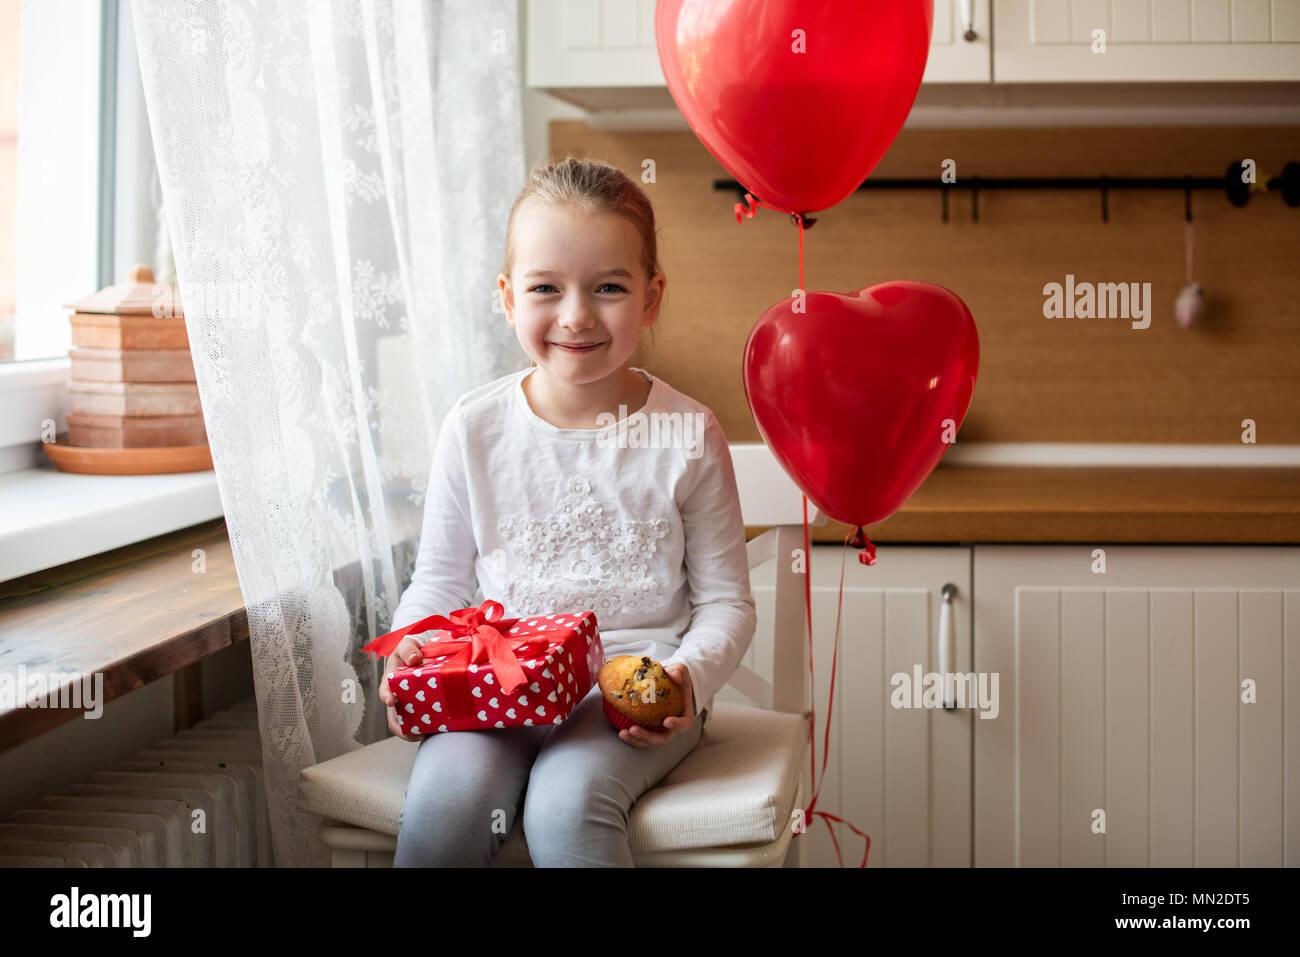 Cute Vorschüler Mädchen feiert 6. Geburtstag. Mädchen ihren Geburtstag Cupcake halten und schön verpackt, sitzt von Ballons umgeben. Stockfoto